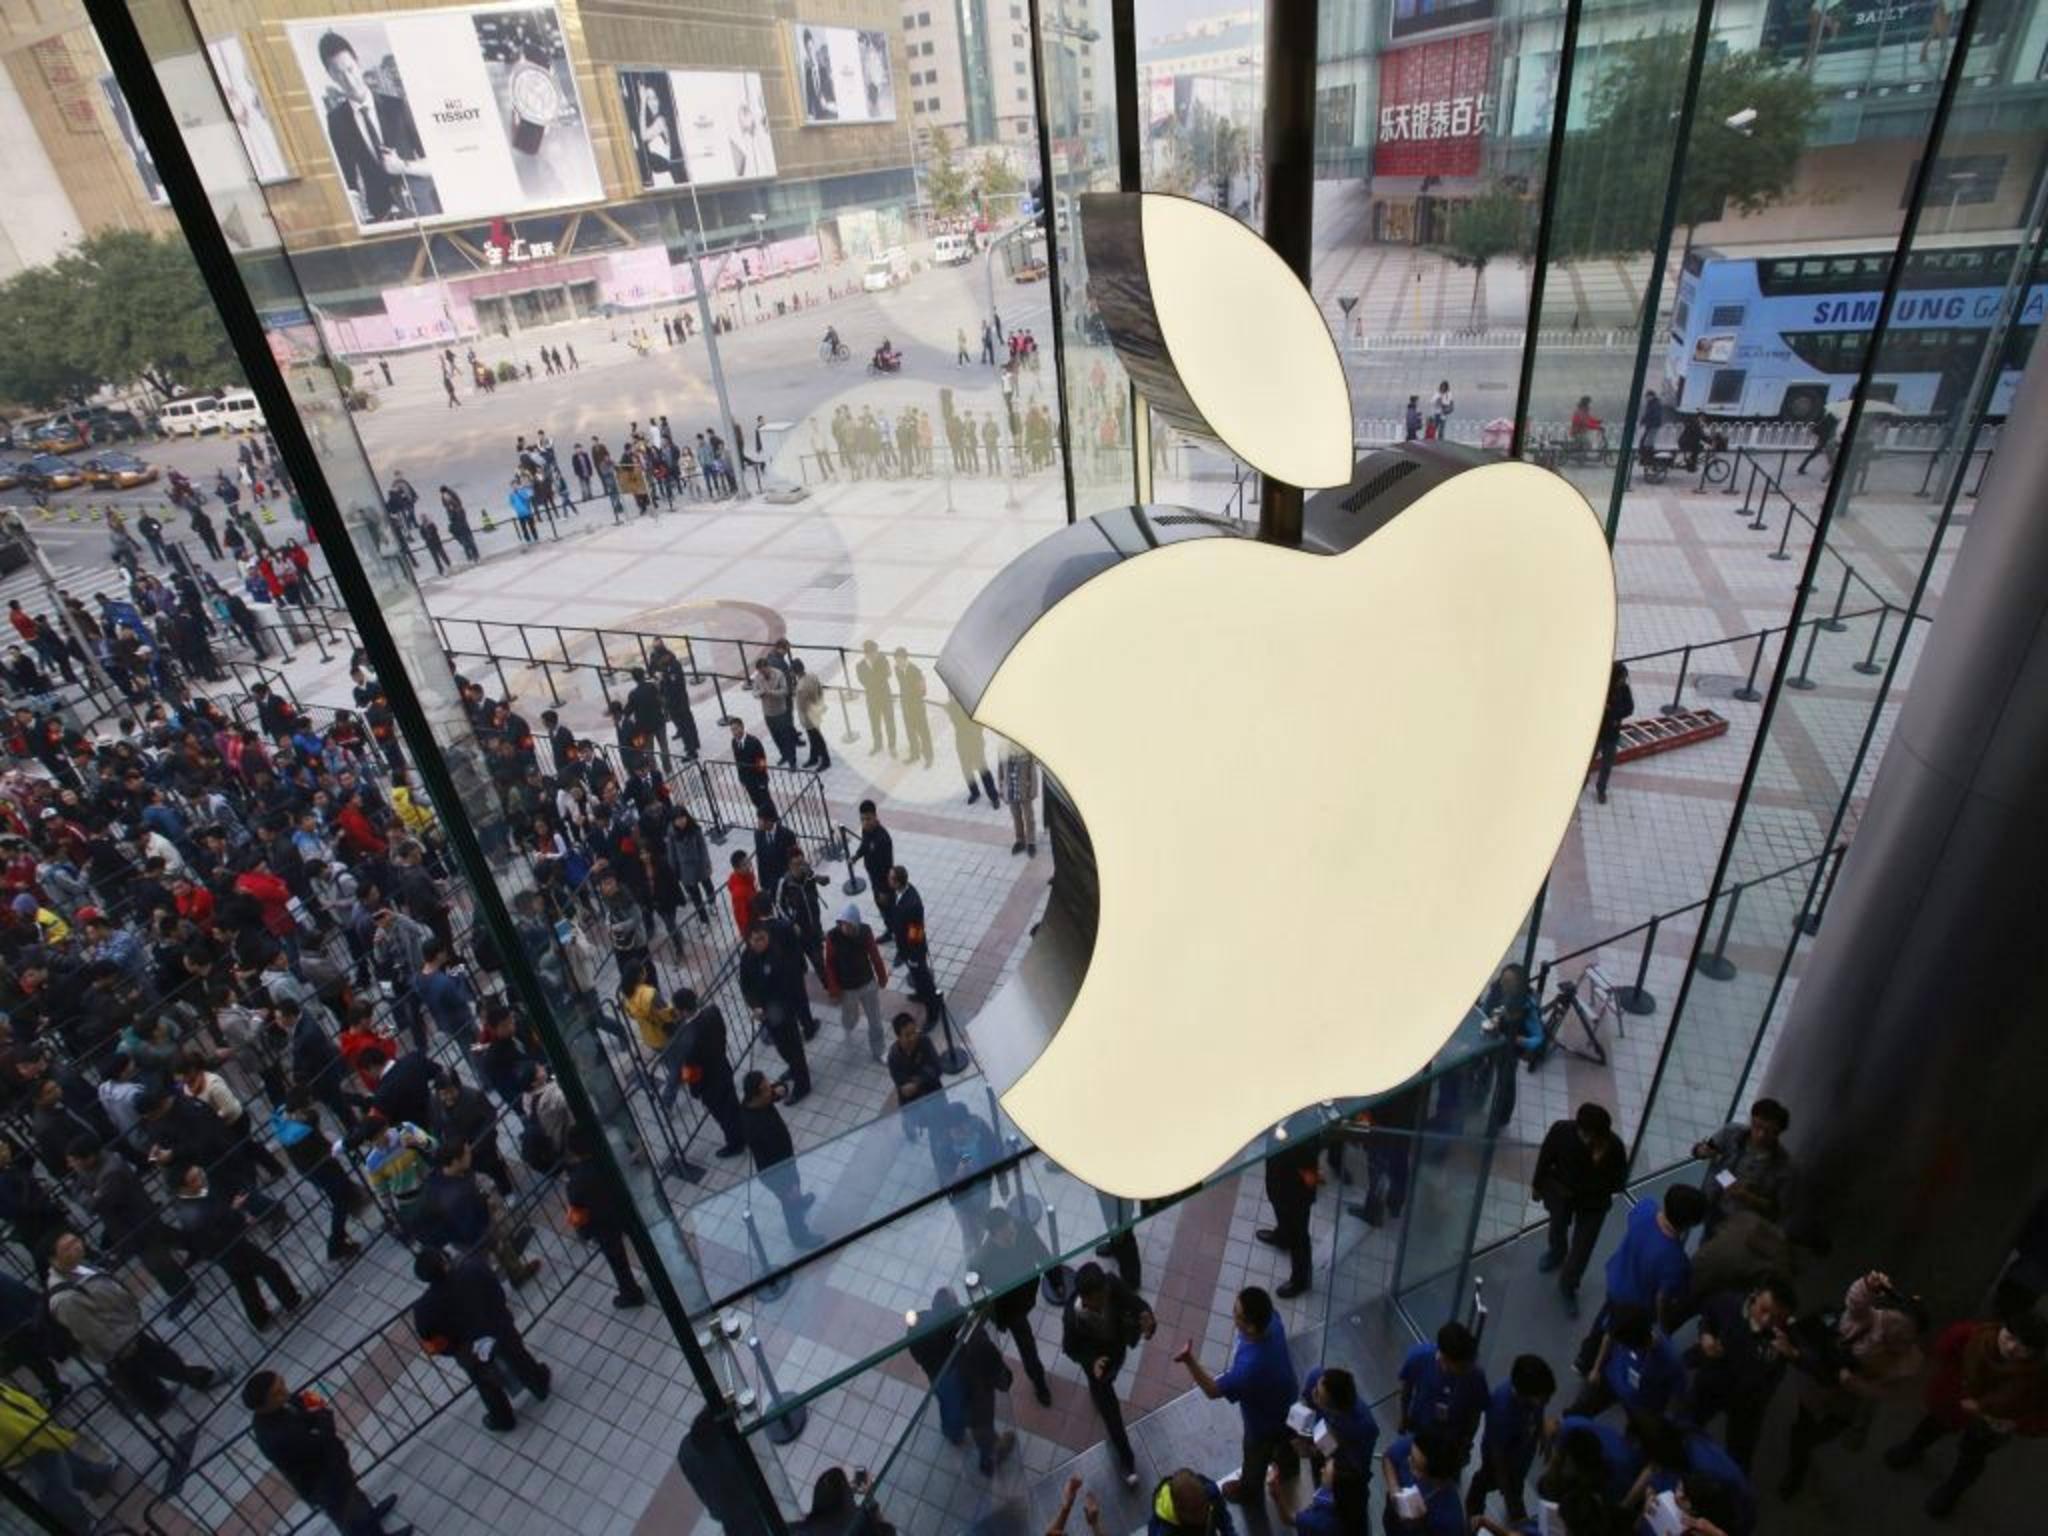 Ein Ex-Apple-Mitarbeiter ist wegen Industriespionage zu einem Jahr Haft verurteilt worden.